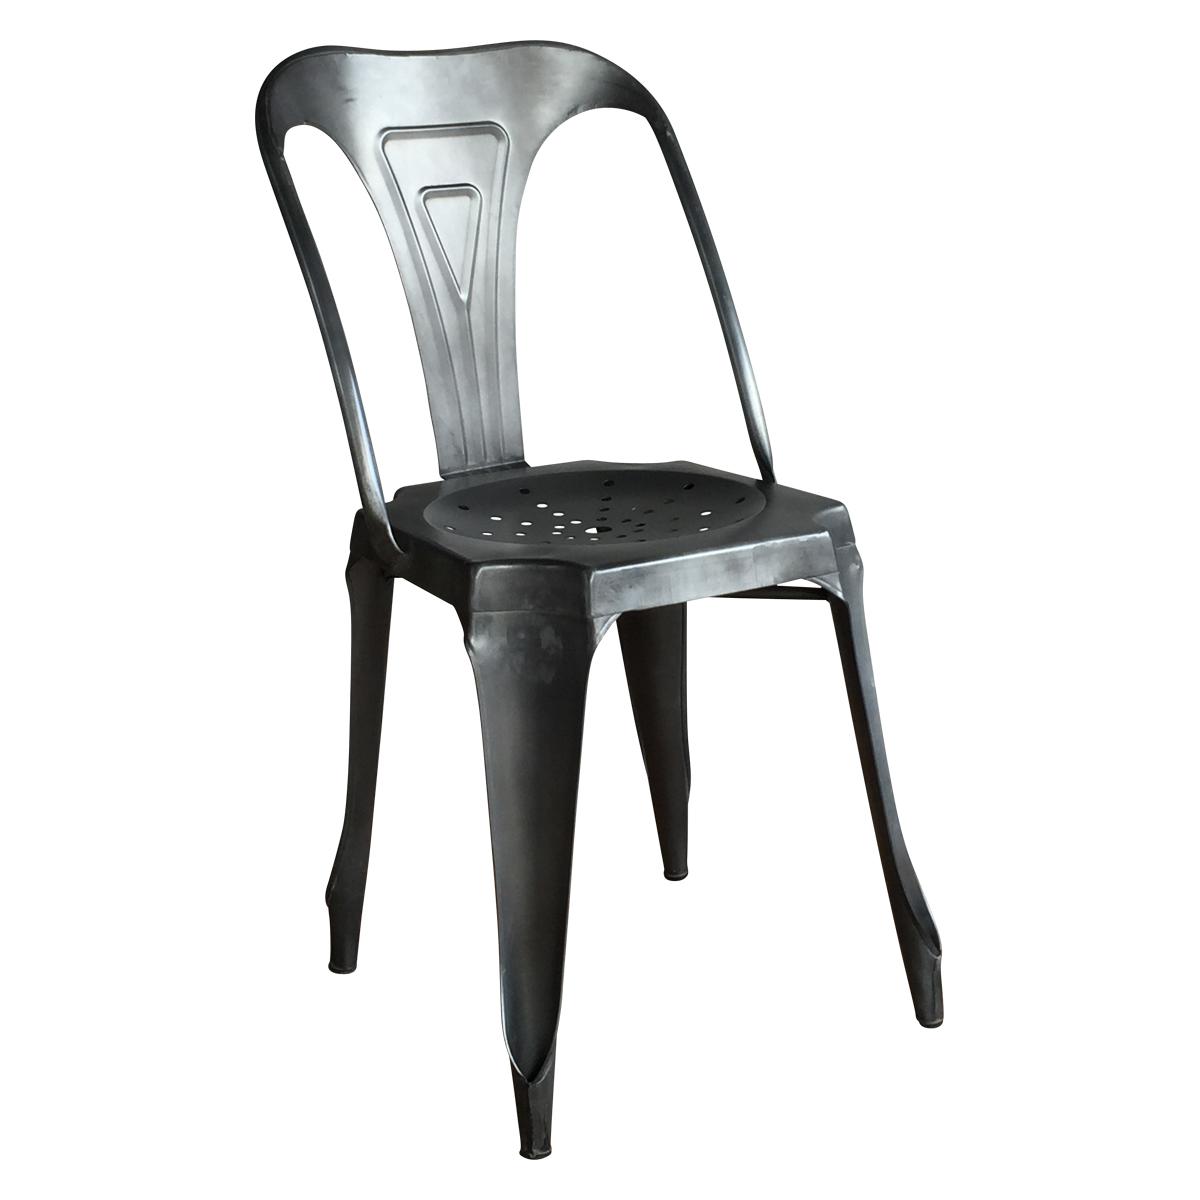 Chaise en m tal style vintage industriel noire patin e demeure et jardin - Chaise en metal industriel ...